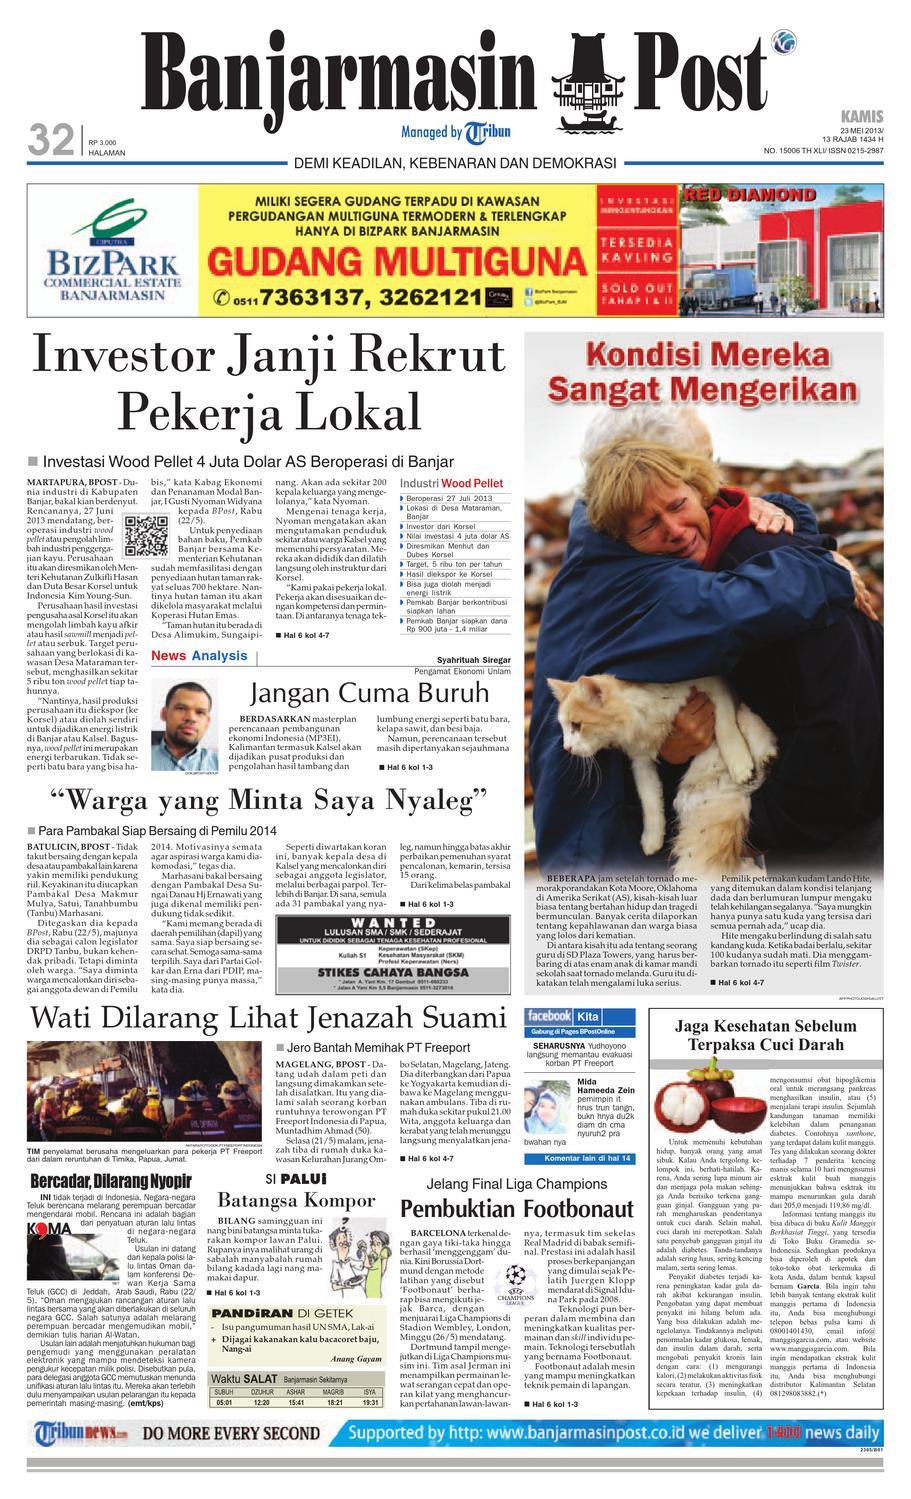 Banjarmasin Post Edisi Kamis 23 Mei 2013 By Issuu Krezi 24 Kaos Celana Motif 4 Tentara Inggris